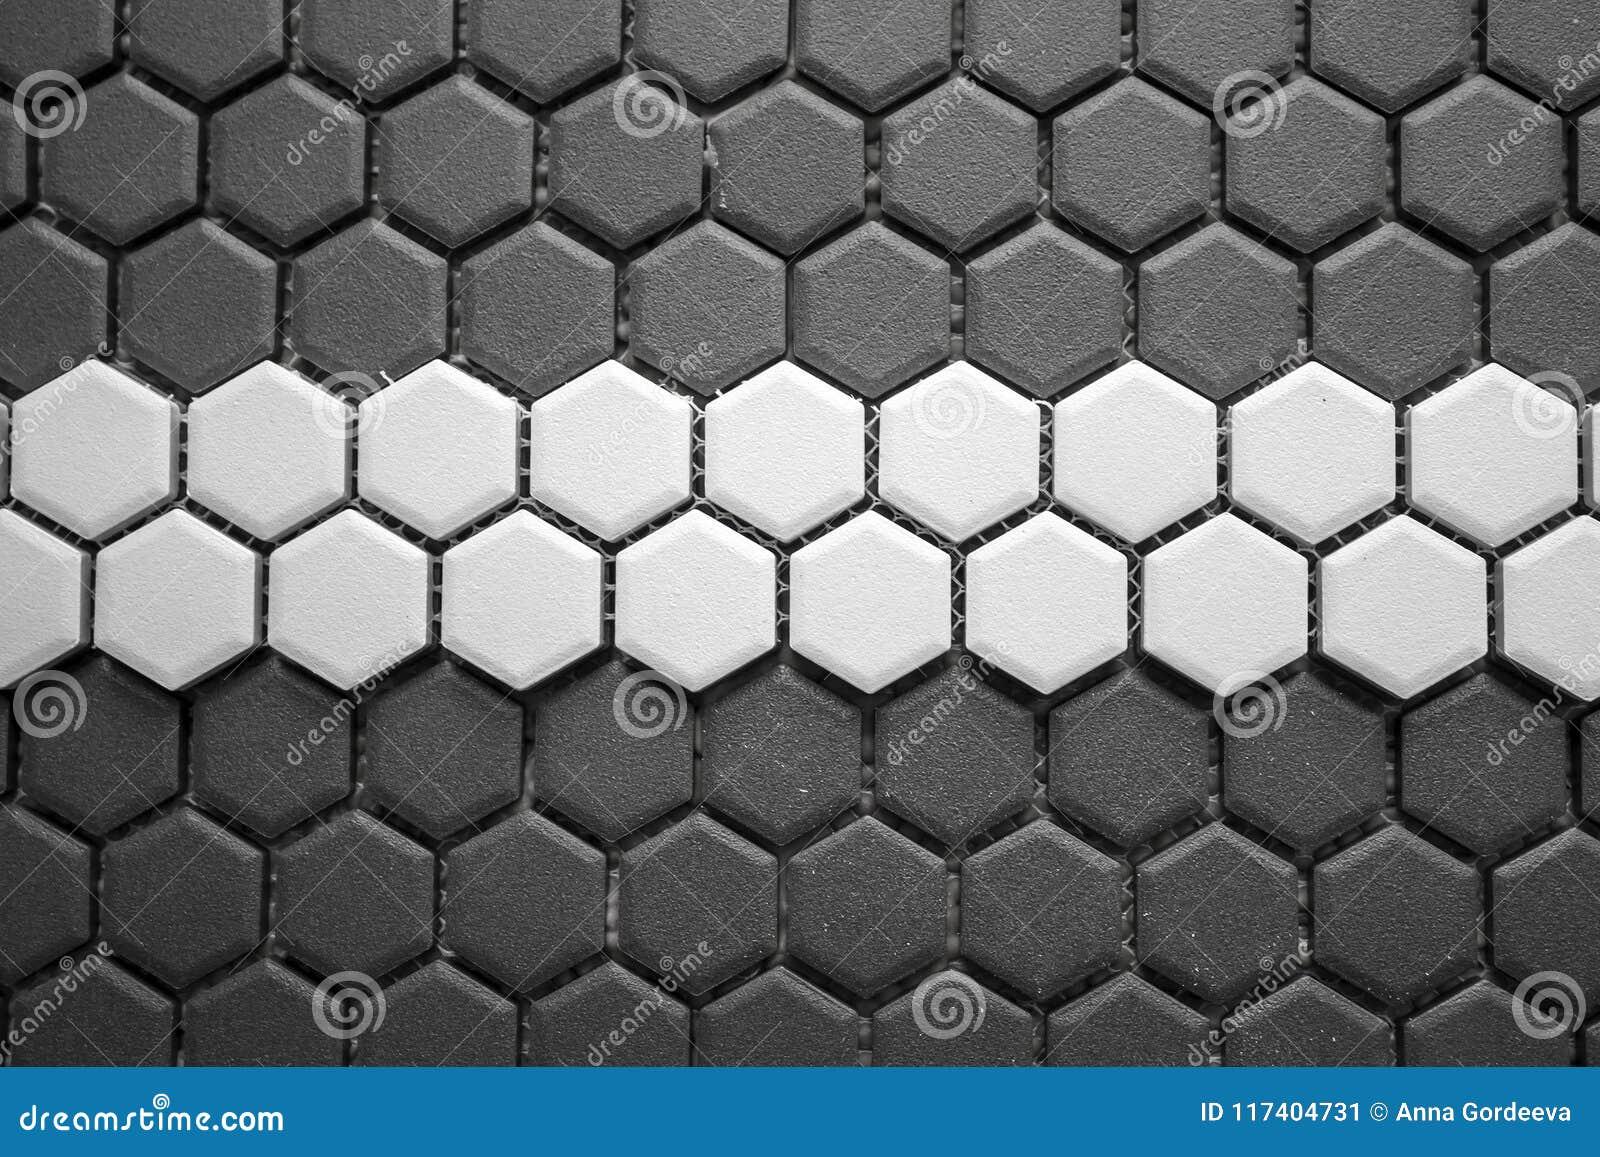 Мозаика керамических плиток сделанная серых косоугольников с белой нашивкой в середине, без grouting, сетк-основания и клея